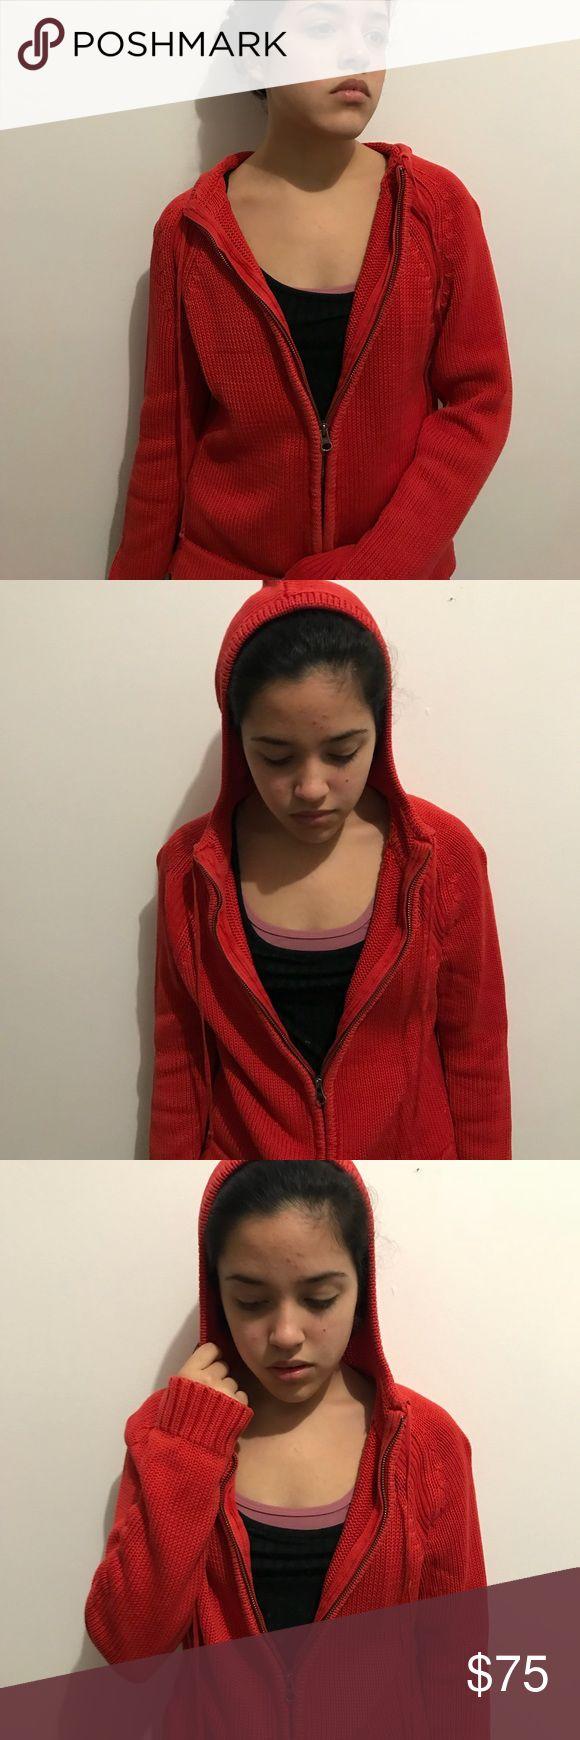 Calvin klein knitted zip up sweater Red orange zip up sweater worn 2 times Calvin Klein Sweaters